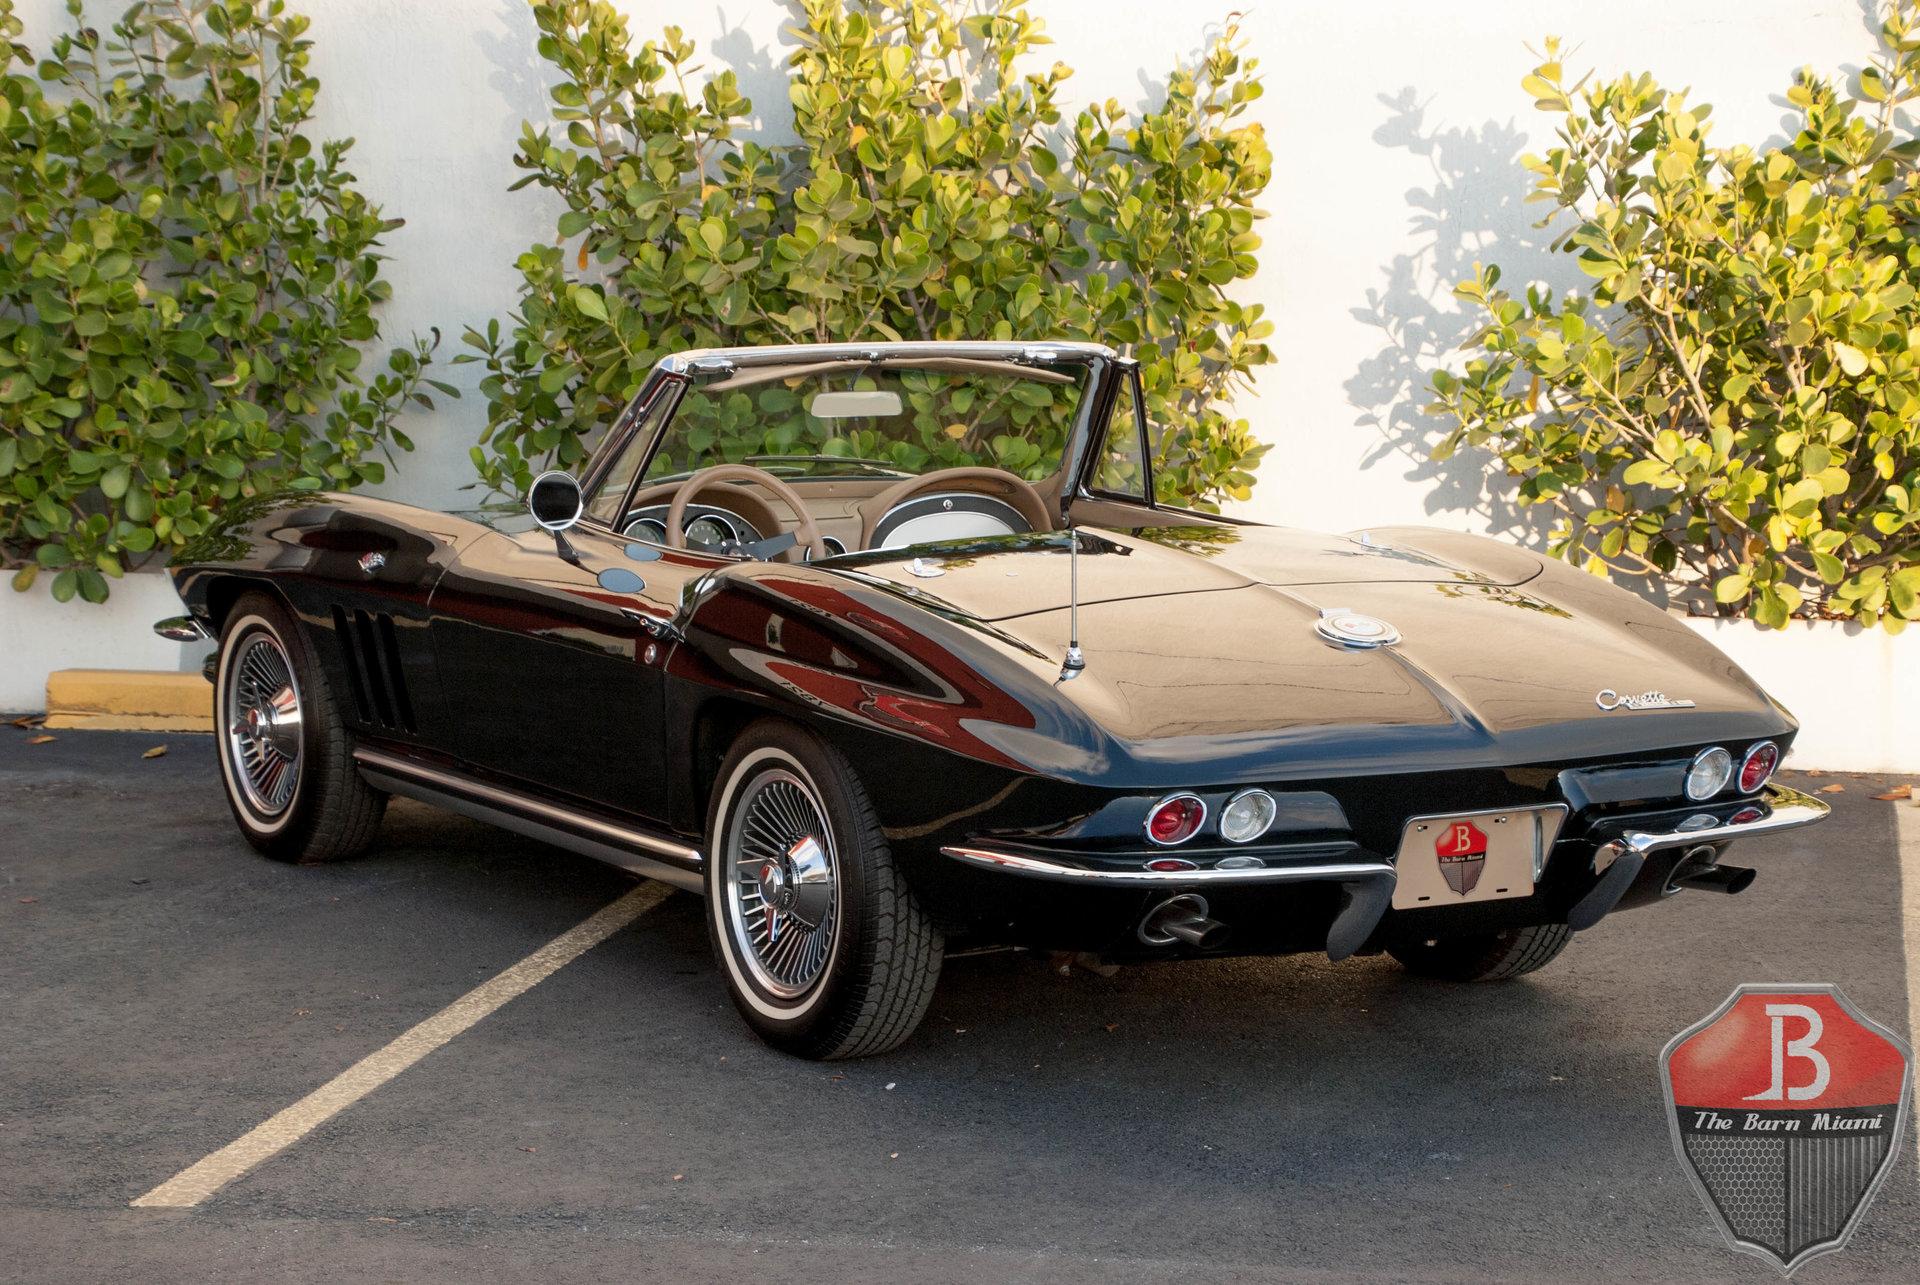 1965 Chevrolet Corvette The Barn Miami